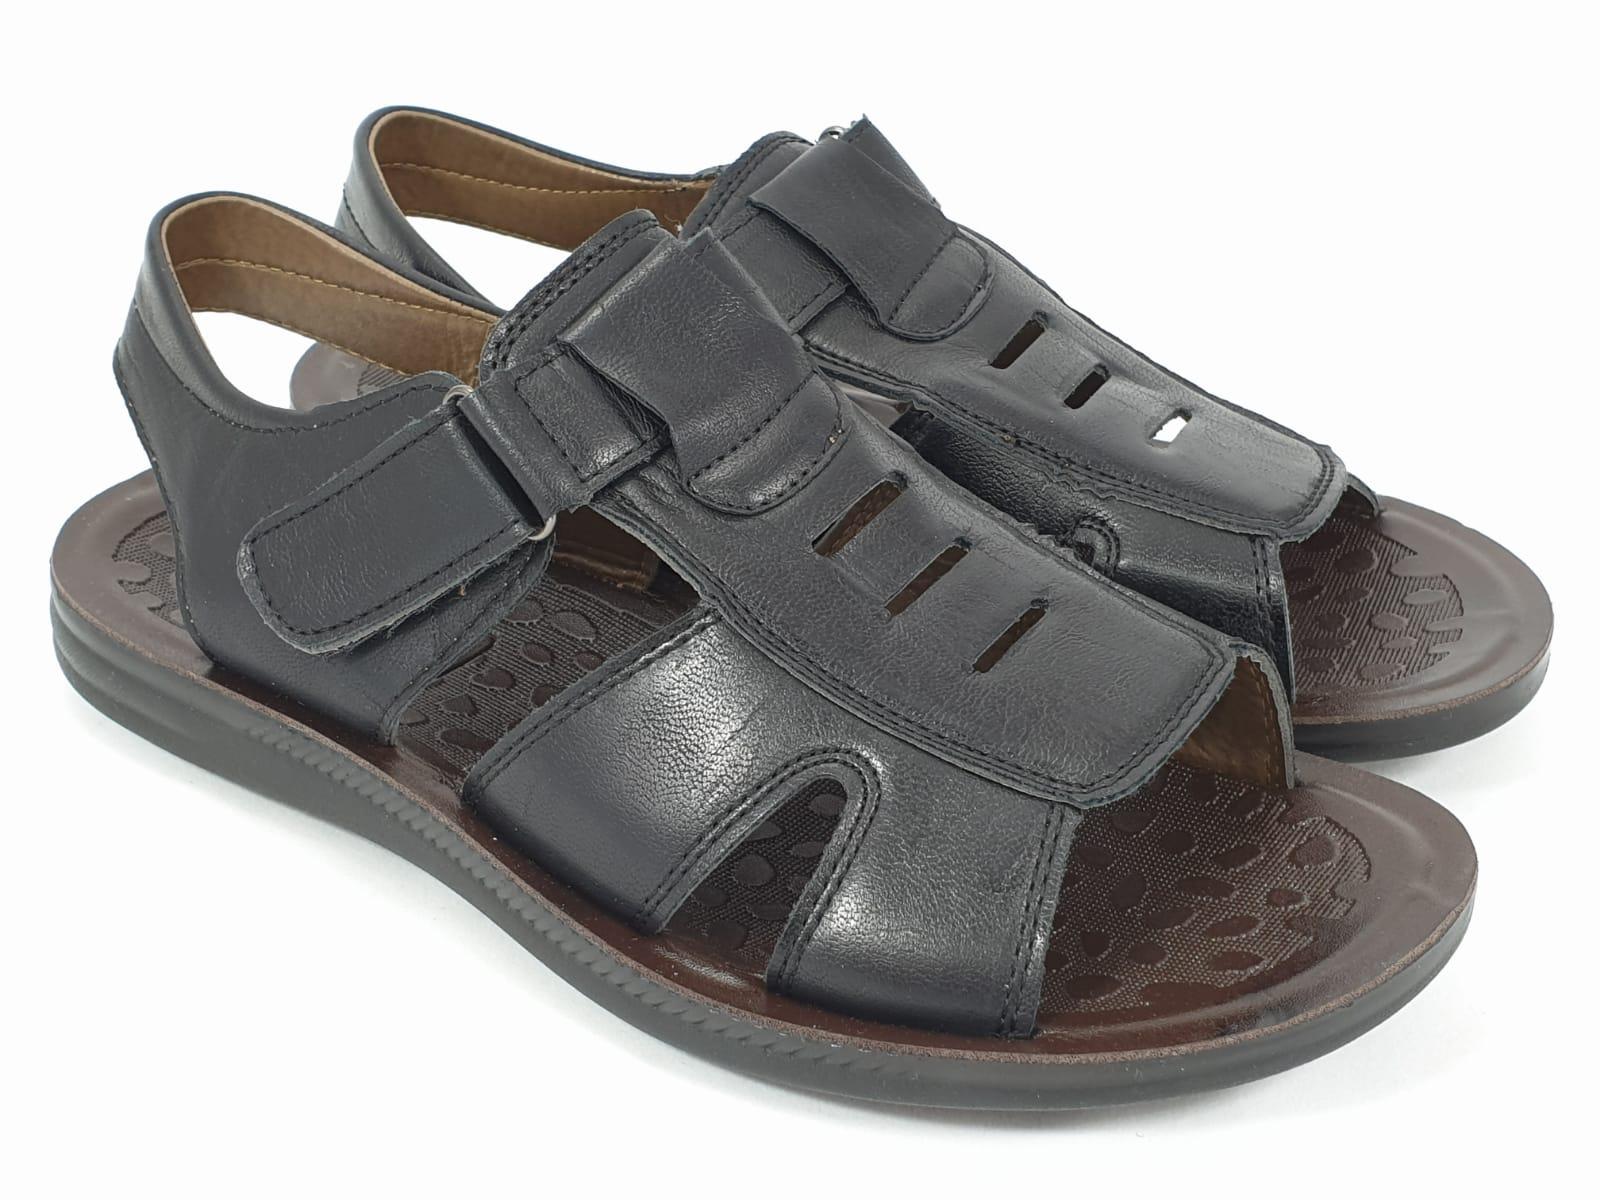 Sandale barbati negre Vali